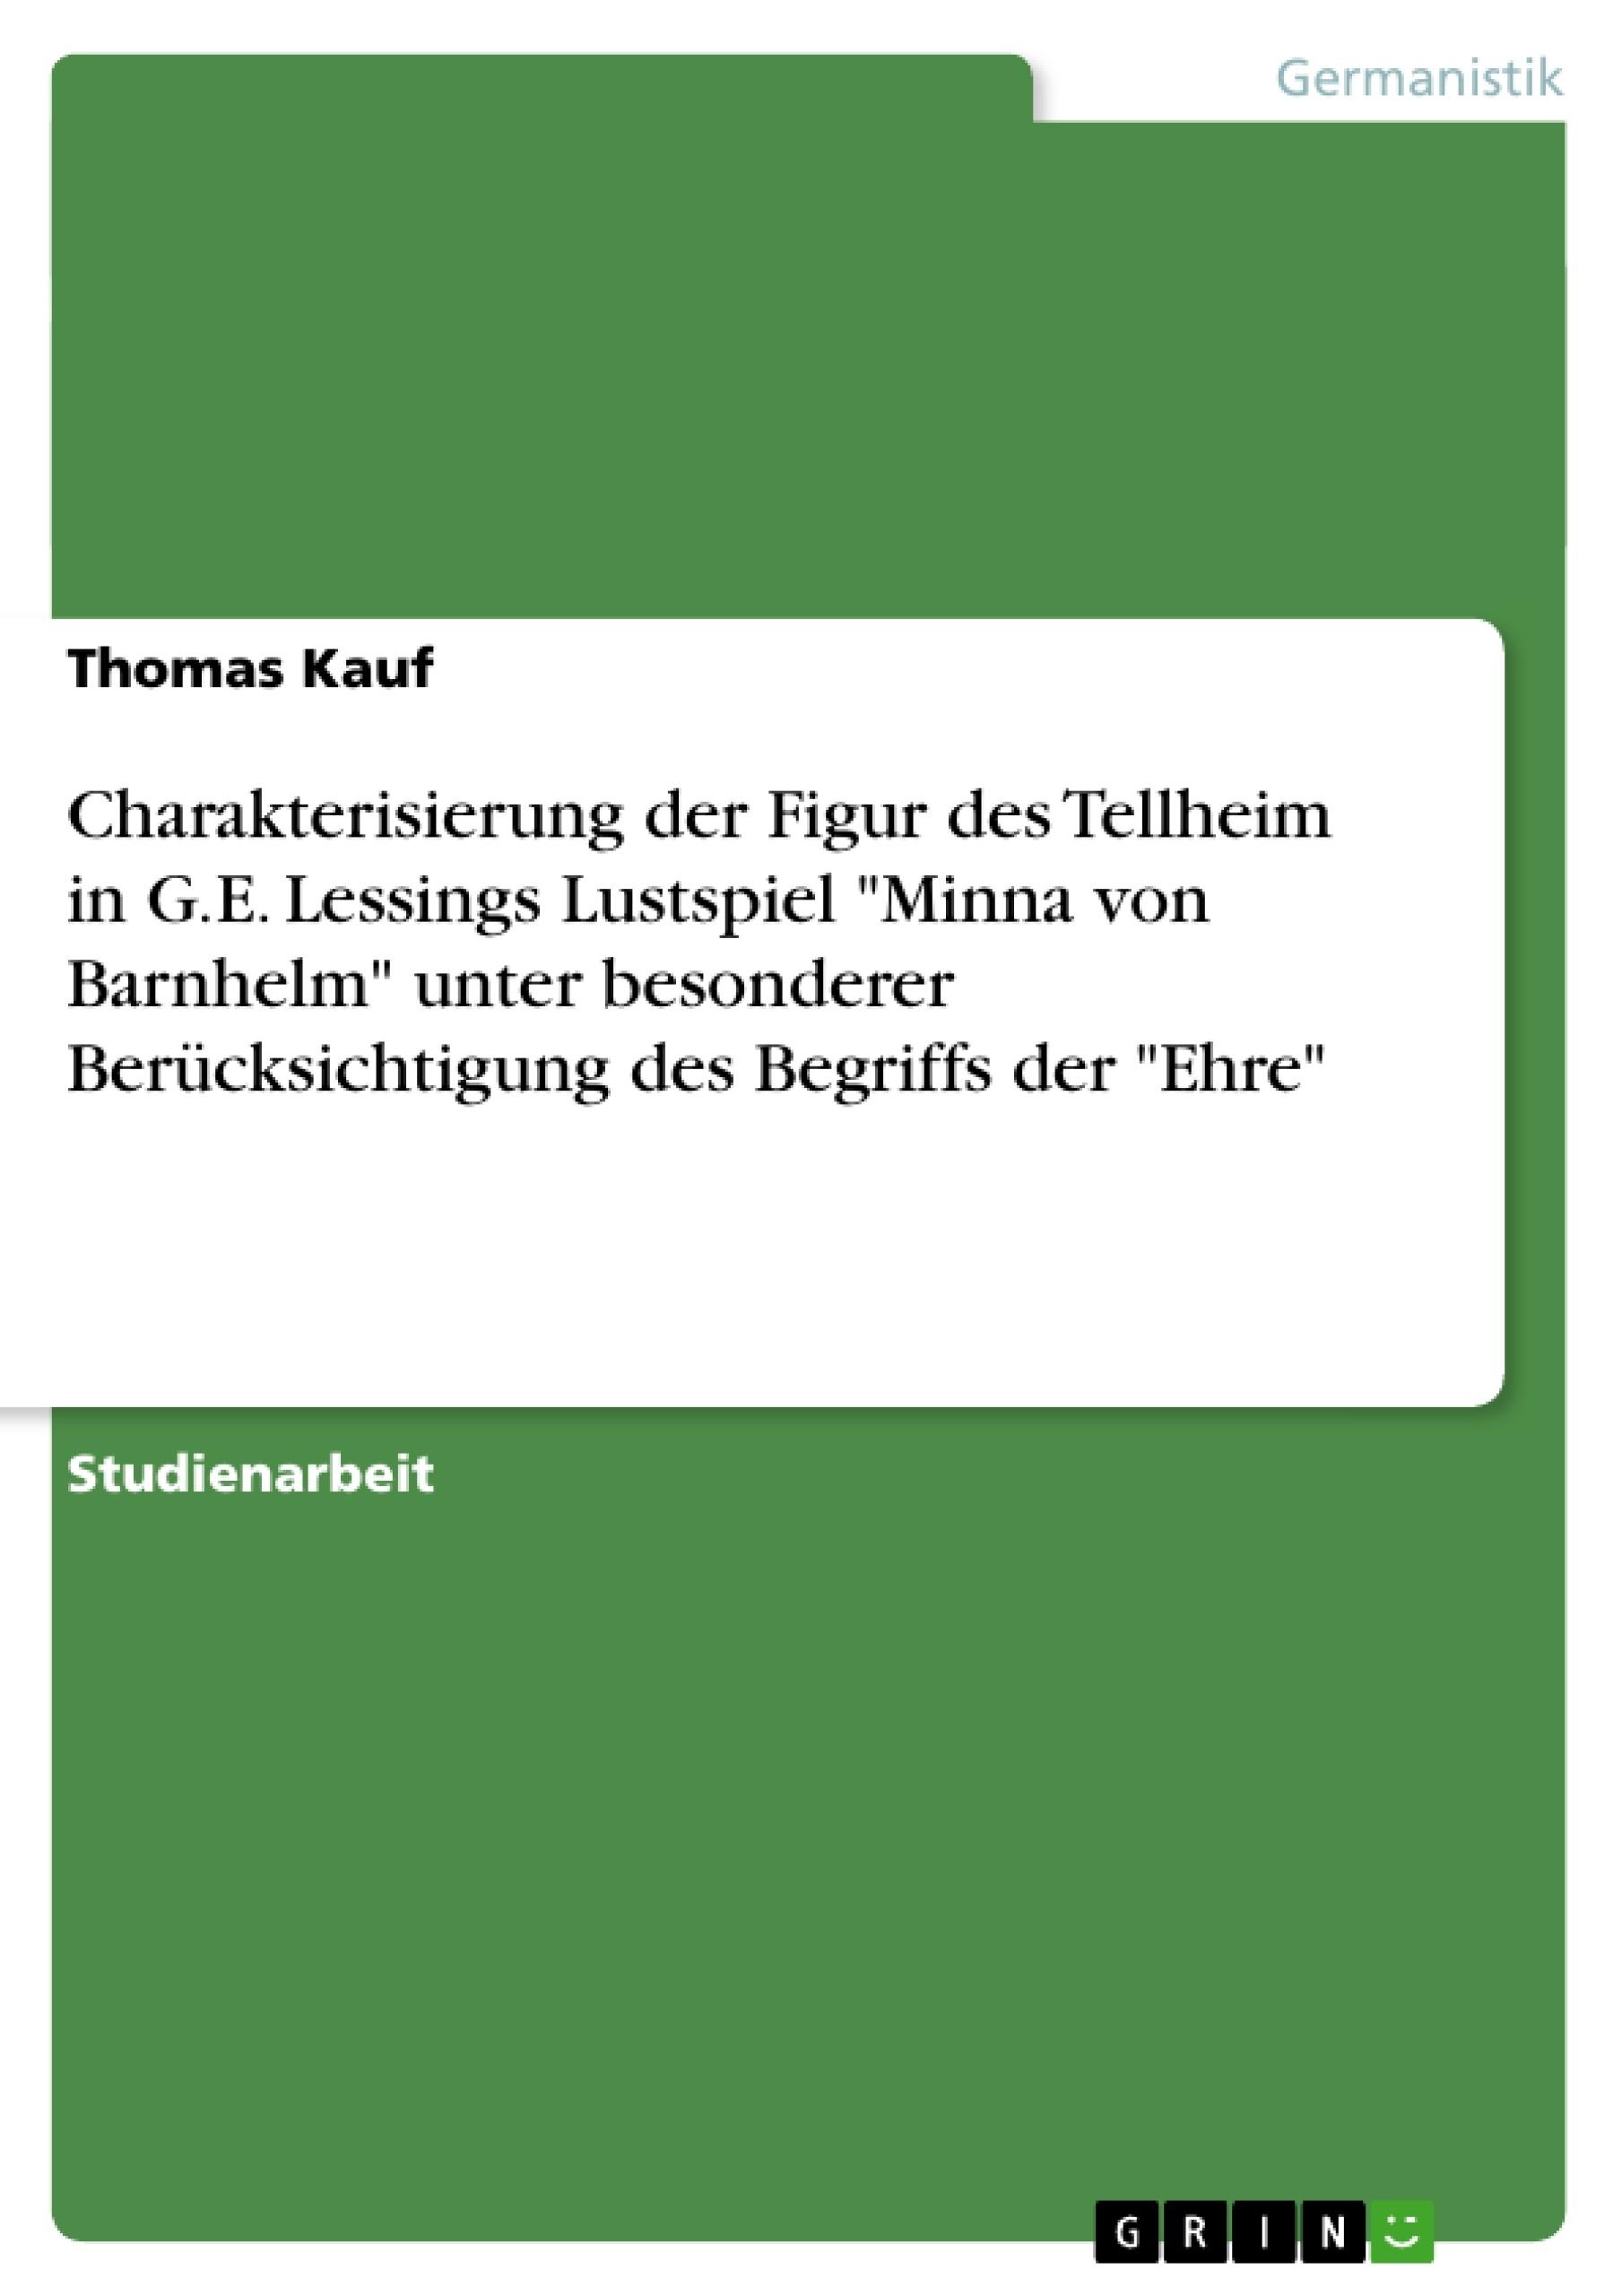 """Titel: Charakterisierung der Figur des Tellheim in G.E. Lessings Lustspiel """"Minna von Barnhelm"""" unter besonderer Berücksichtigung des Begriffs der """"Ehre"""""""